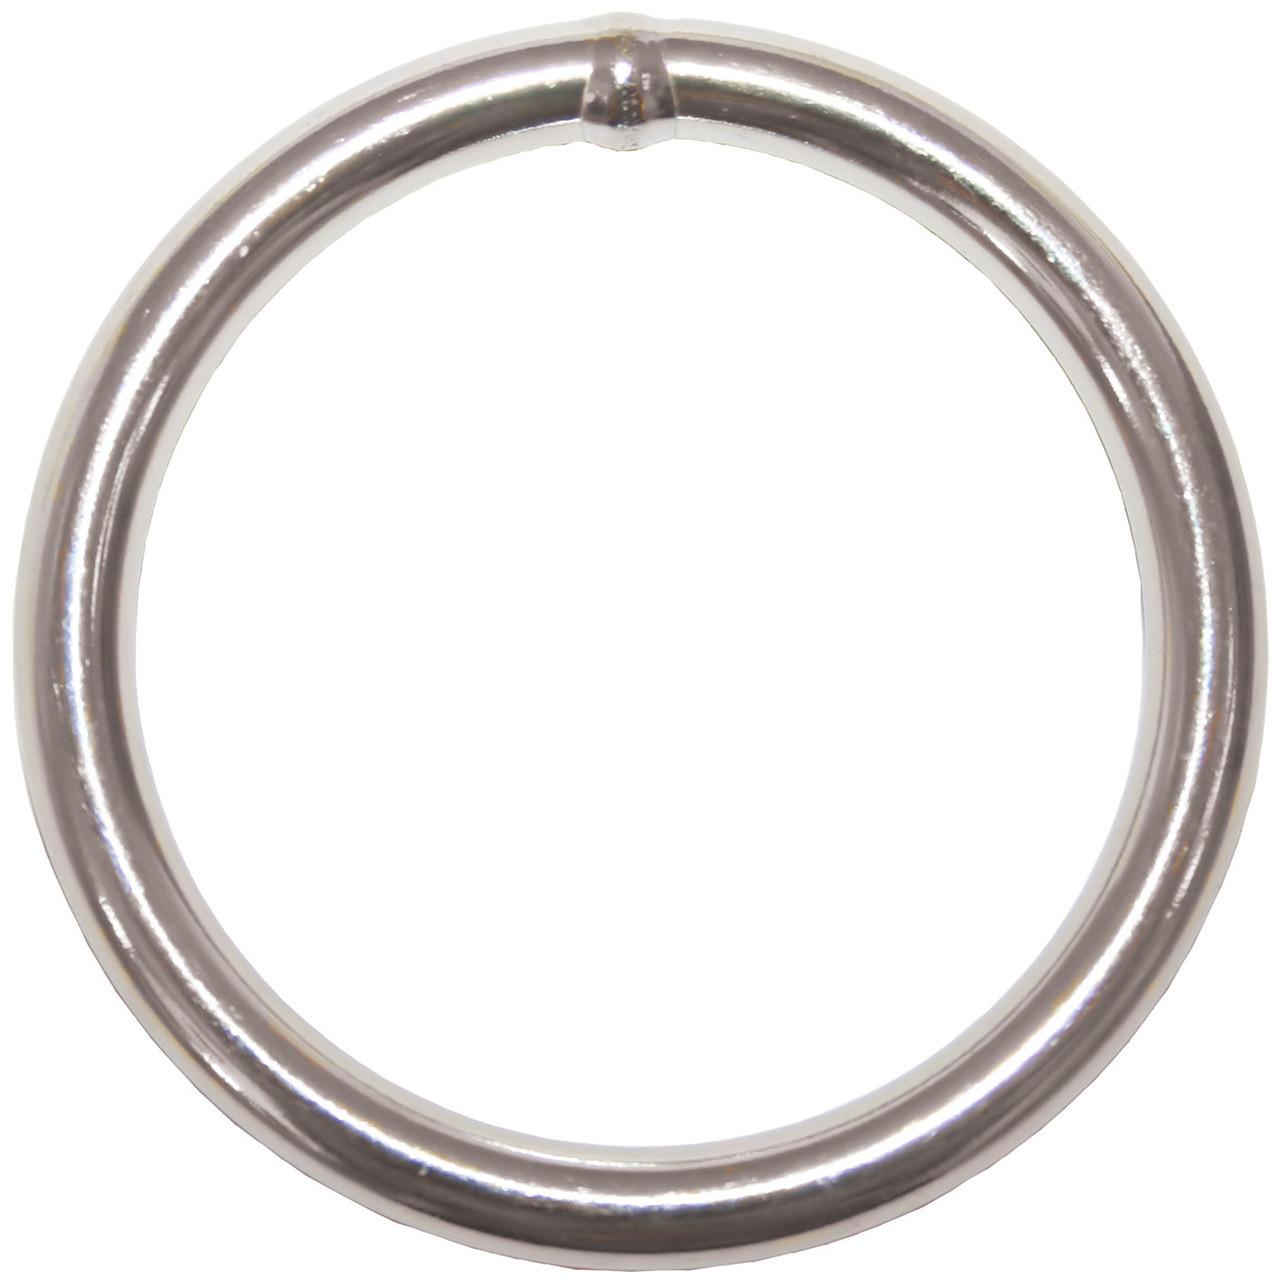 Round Ring S/S 12 x 120mm